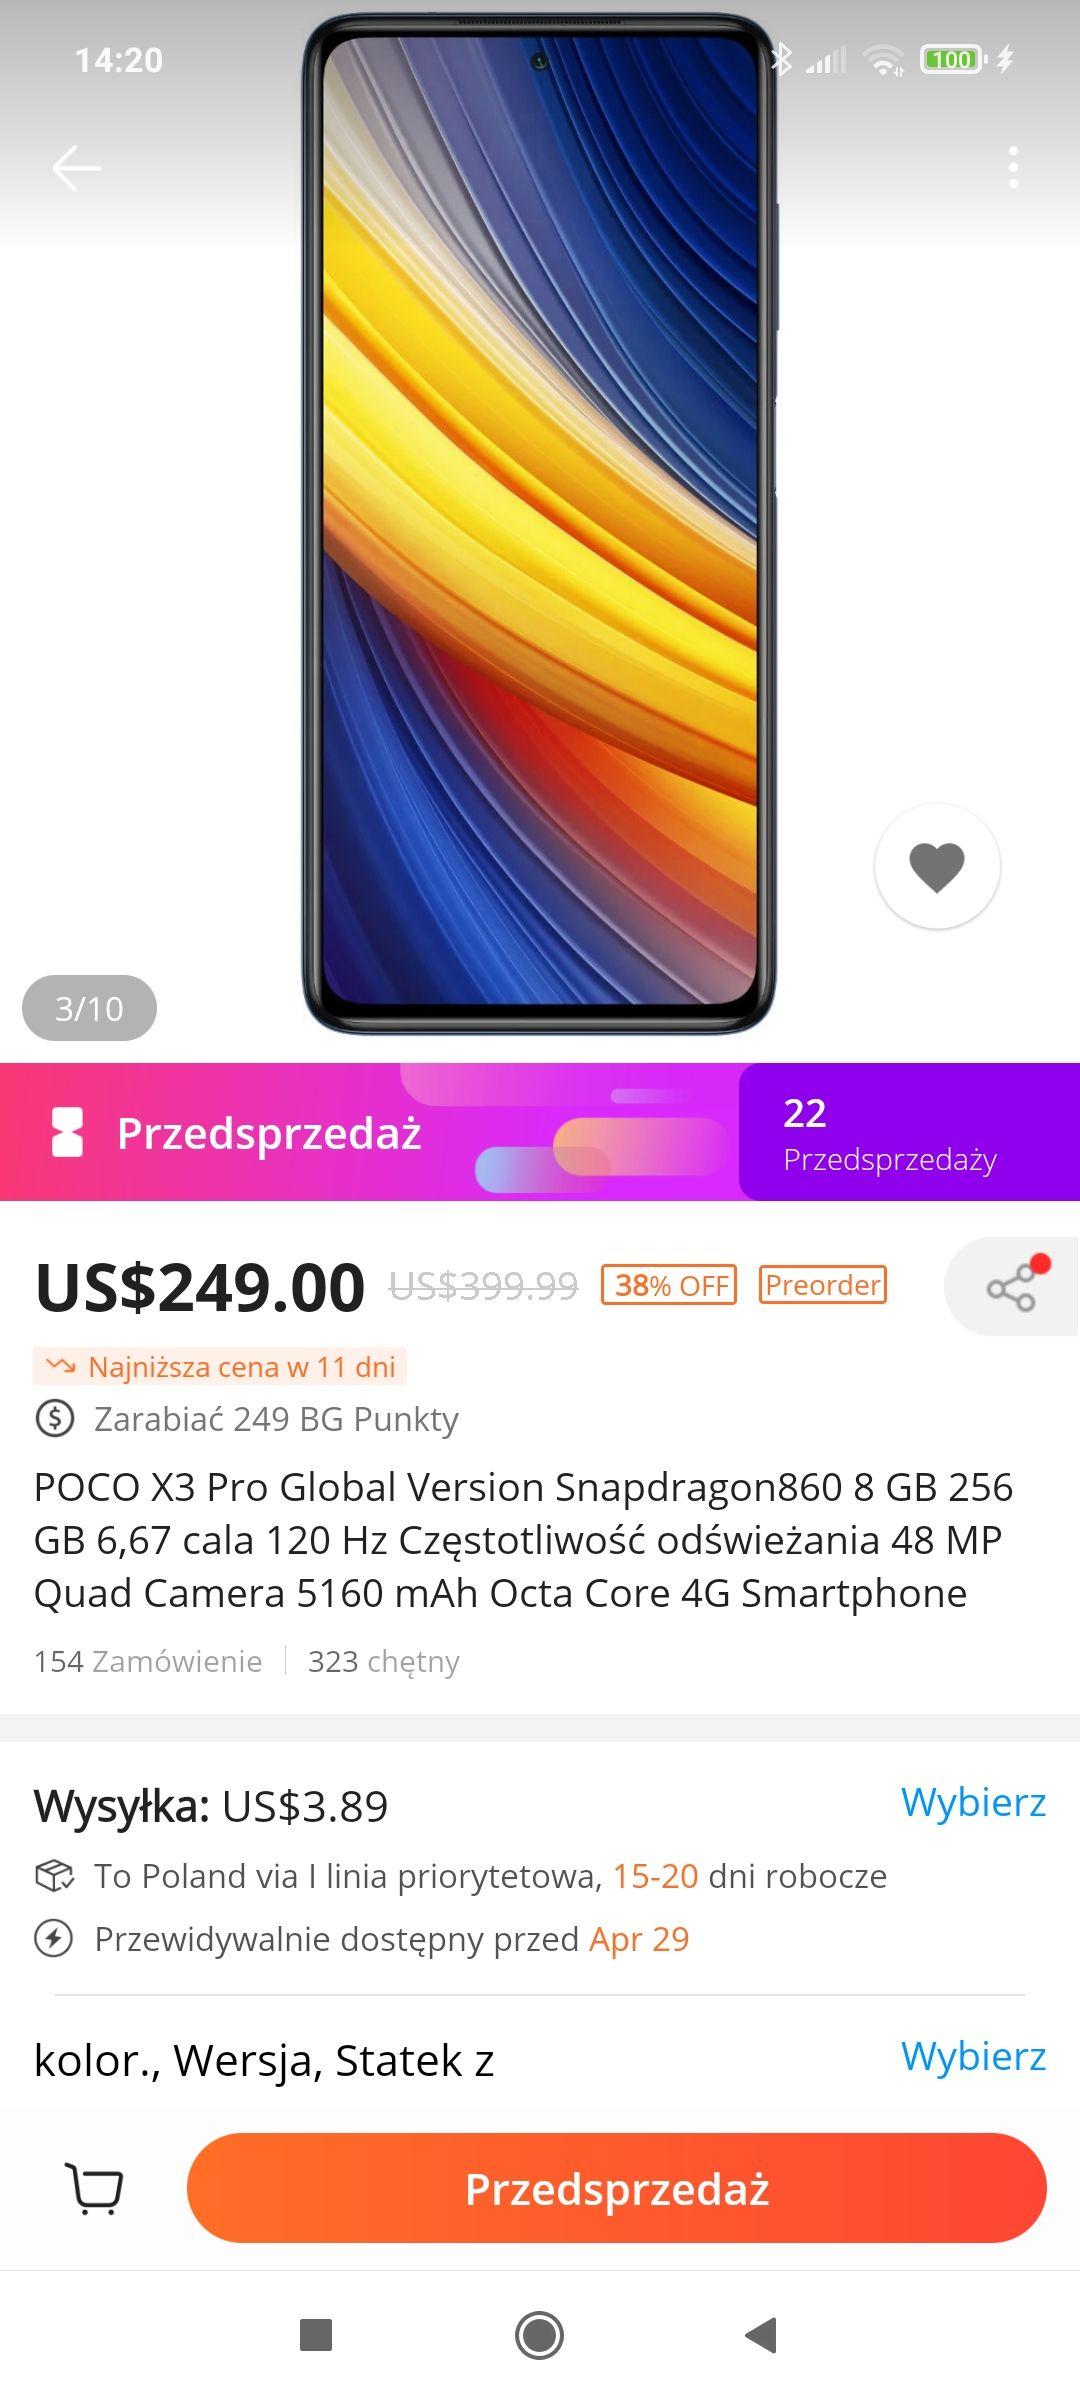 Smartfon Poco x3 pro 8/256 (możliwe 922 zł goodie)